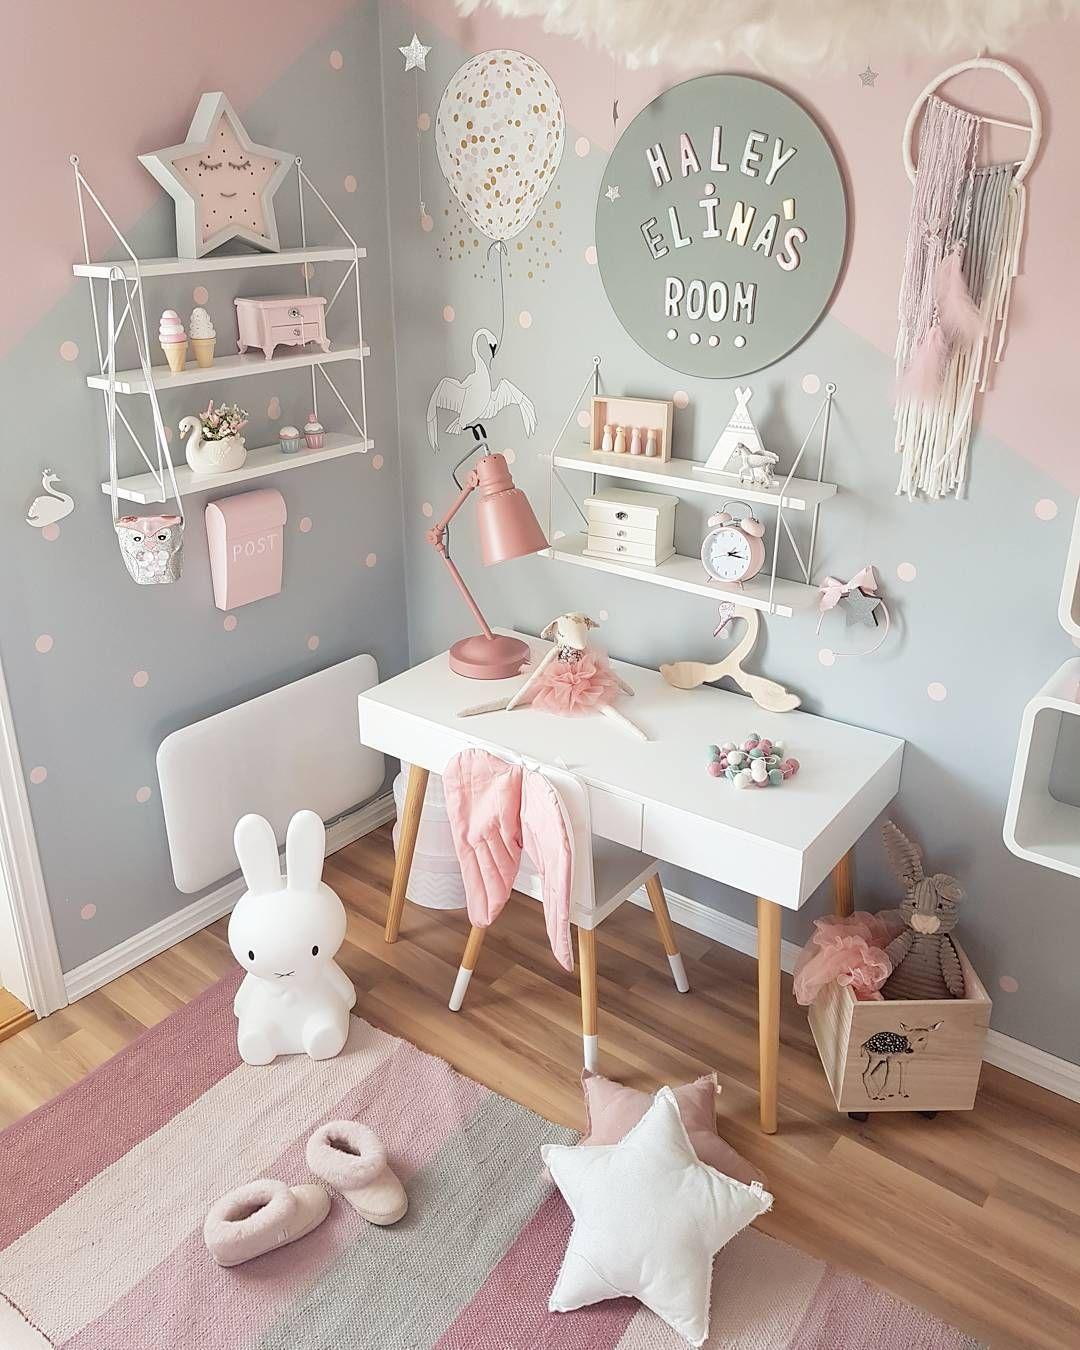 Kinderzimmer m dchen kleiner schatz pinterest kinderzimmer m dchen und babyzimmer - Pinterest kinderzimmer ...